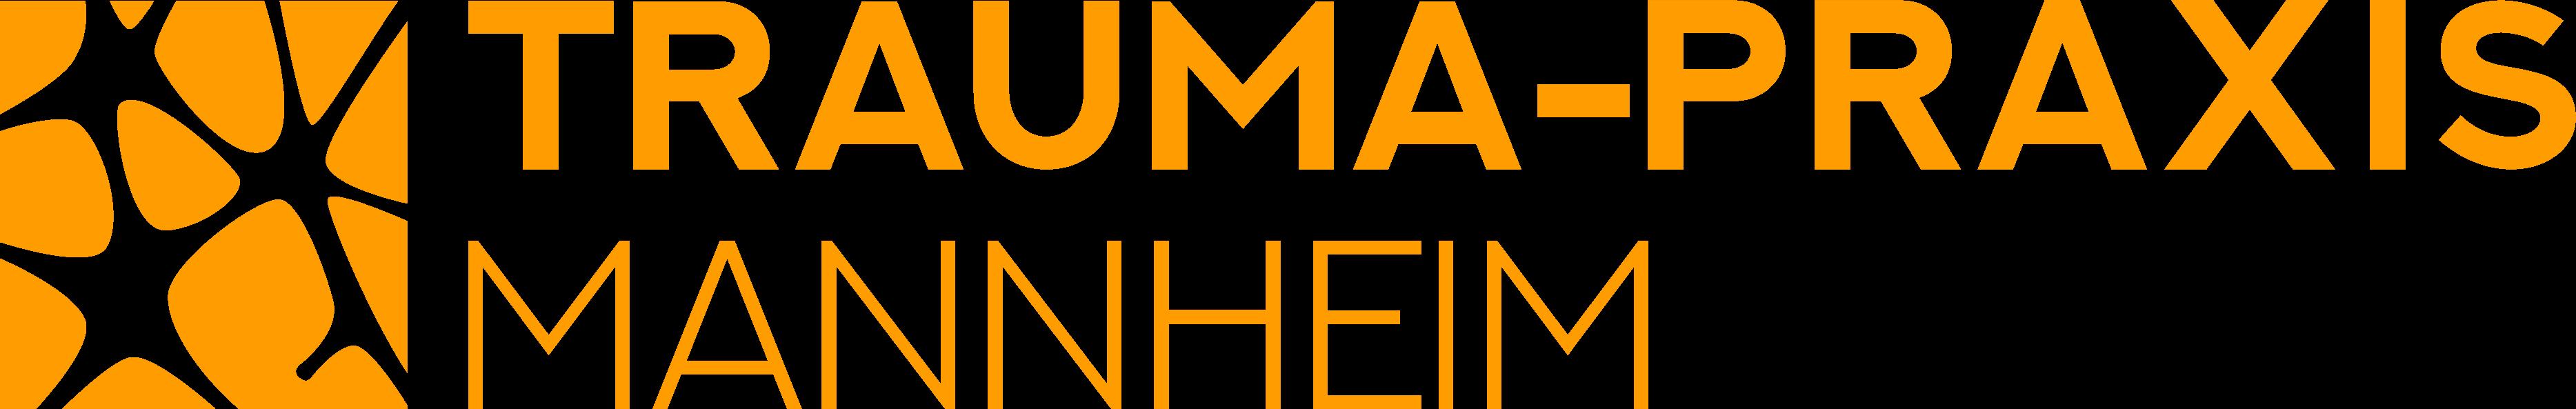 Psychotherapie und Traumatherapie in Mannheim